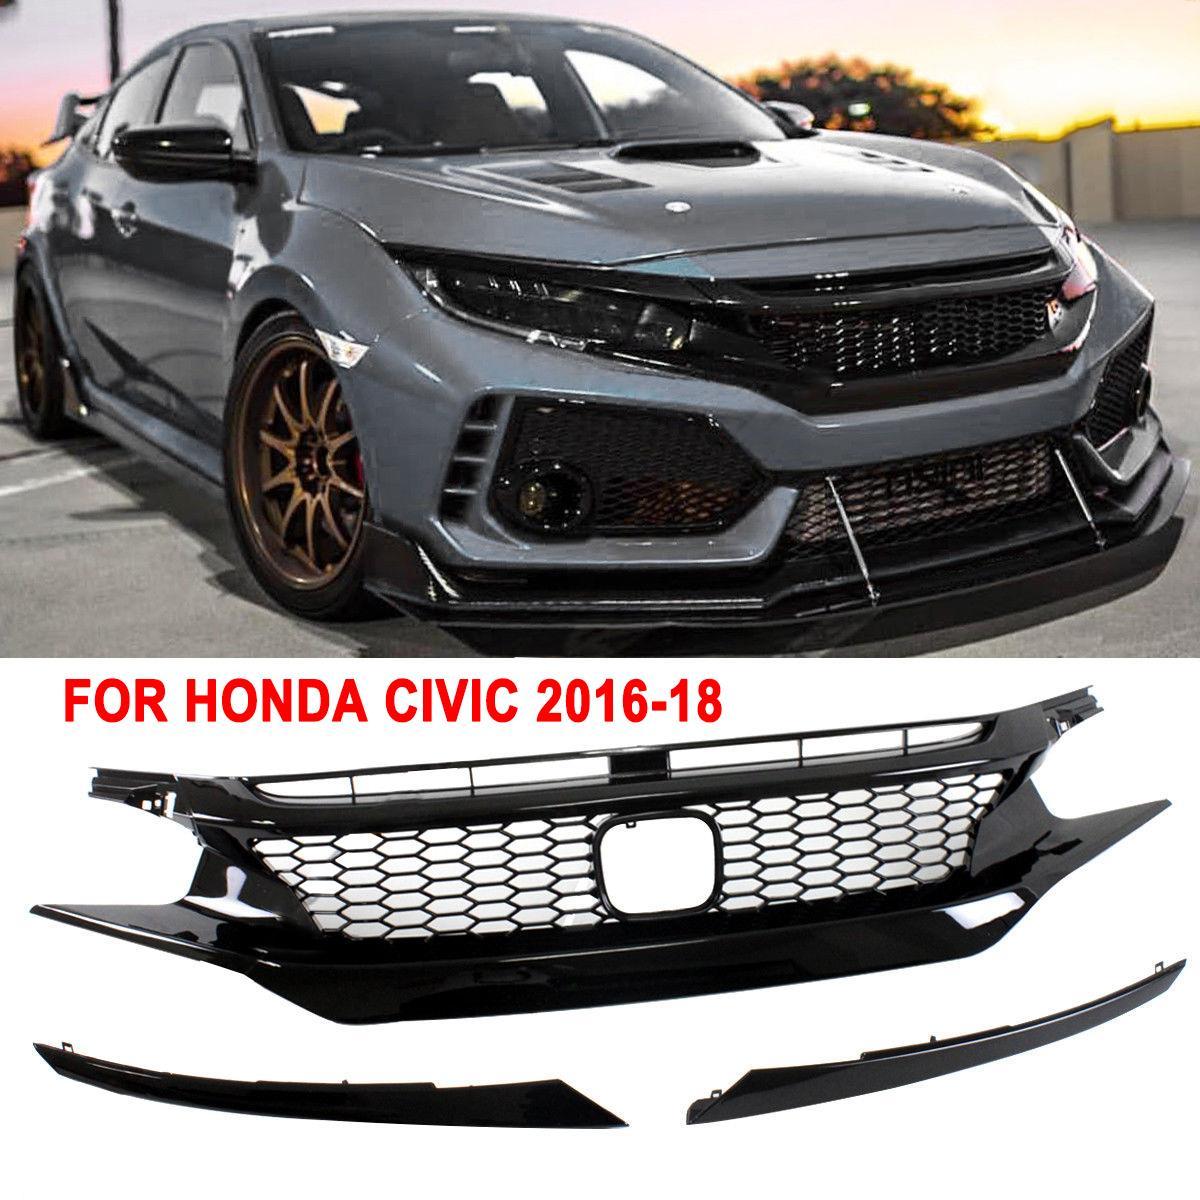 Nowa część zamienna do Honda Civic 2016 2017 2018 2019 10th Gen JDM-CTR styl czarny błyszczący Mesh przednia osłona silnika